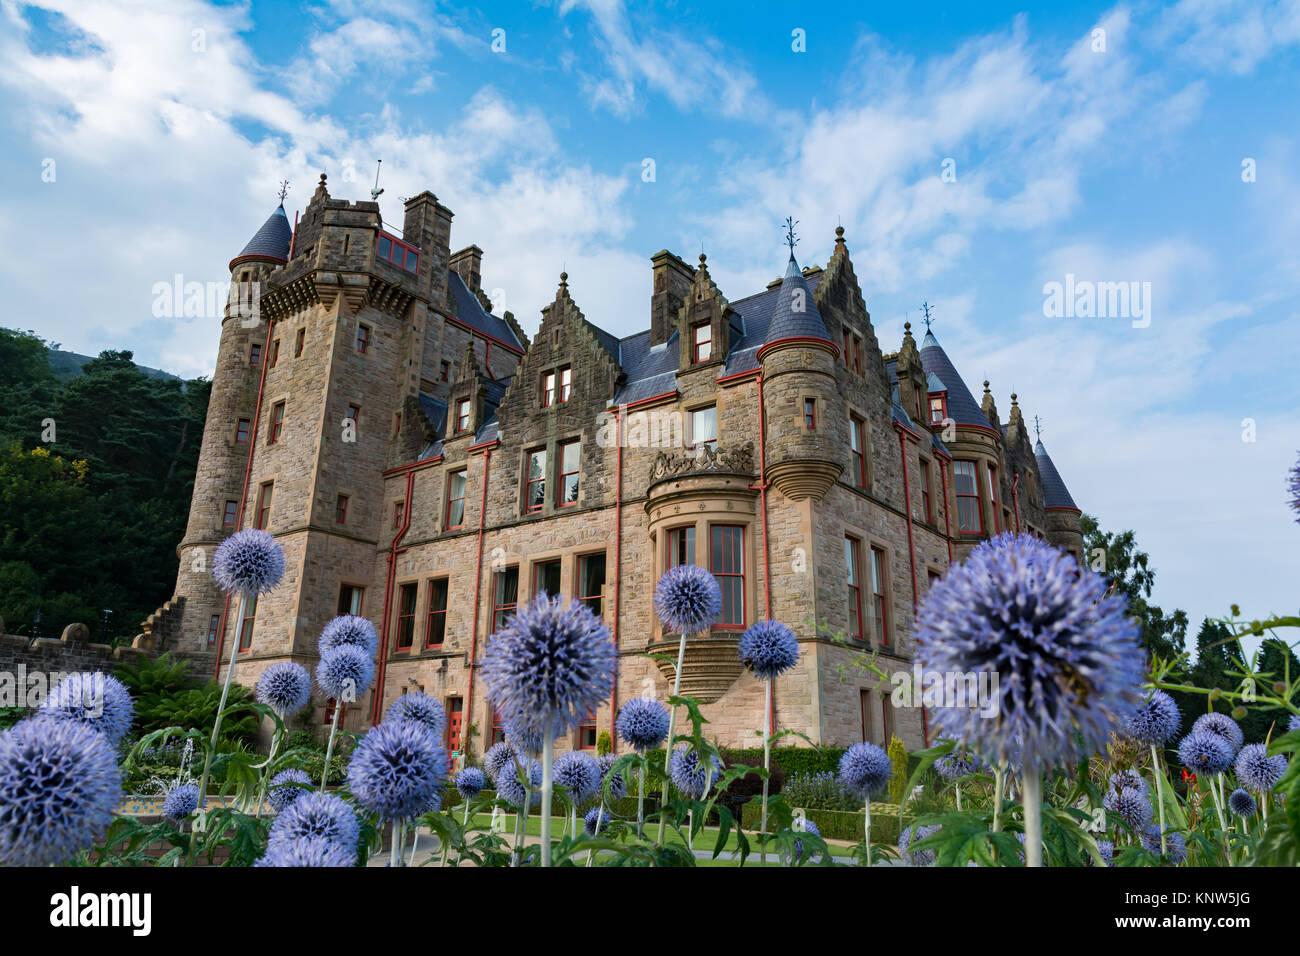 Dreamy belfast castle on beautiful flowers in garden perspective one dreamy belfast castle on beautiful flowers in garden perspective one izmirmasajfo